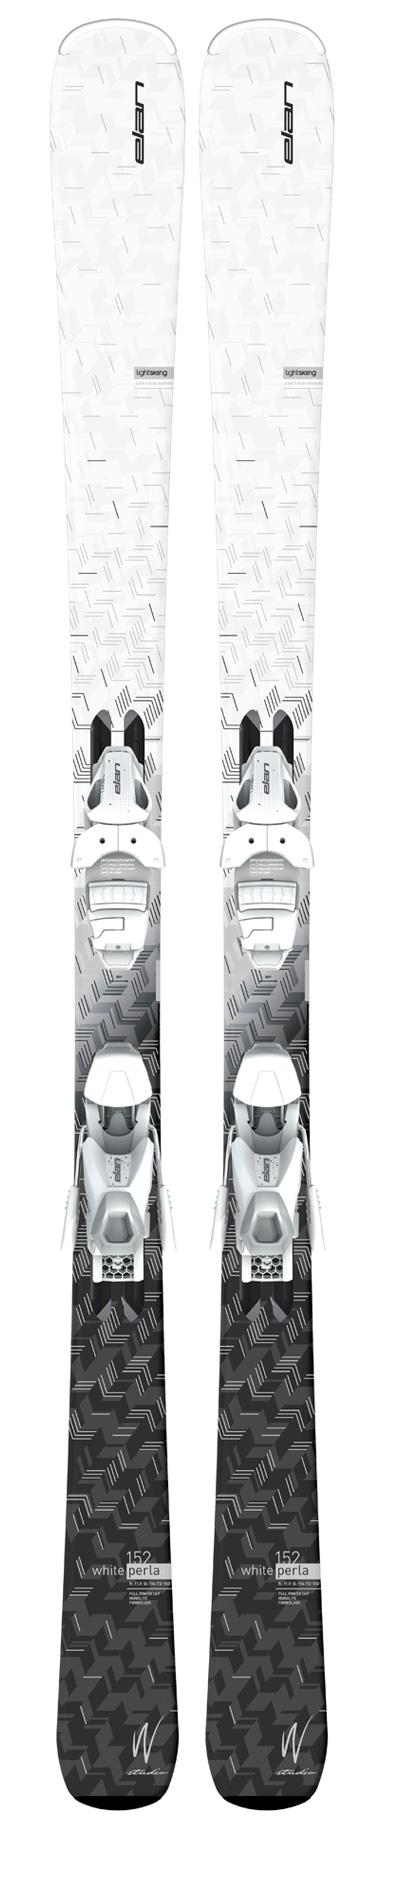 Горные лыжи с креплениями Elan 2016-17 WHITE PERLA LS EL 7.5